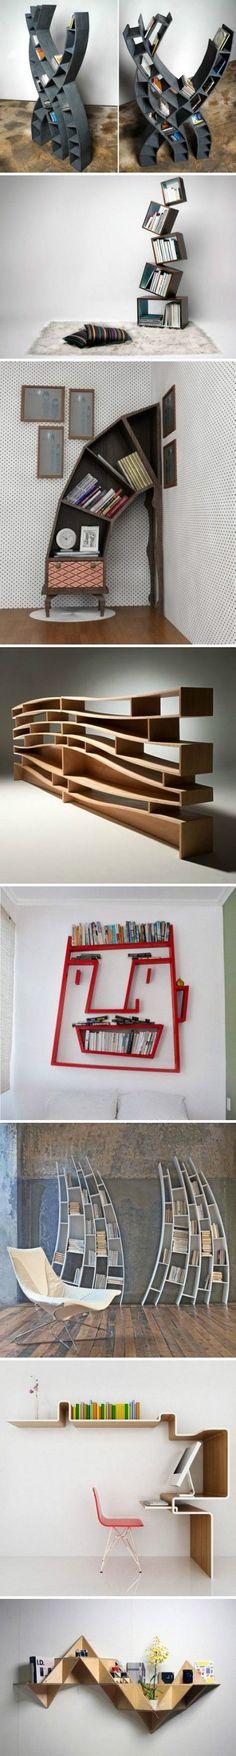 Best DIY-Decor Projects: Unique DIY Book Shelves